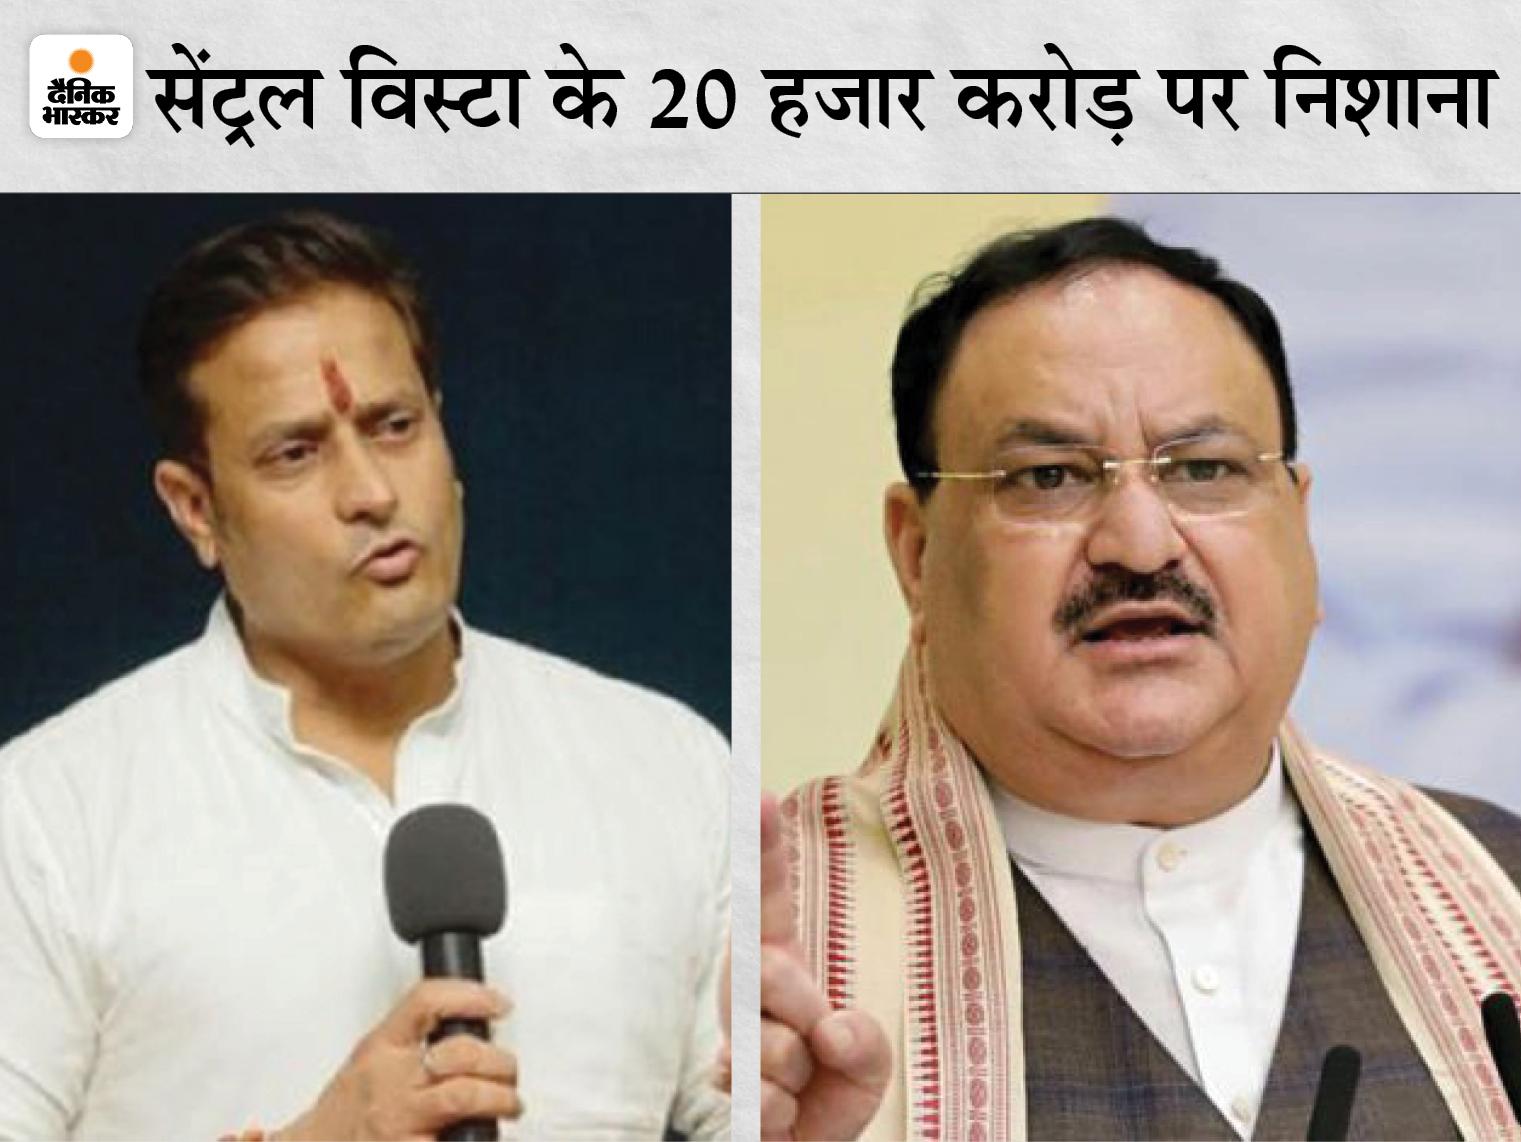 छत्तीसगढ़ के संसदीय सचिव ने भाजपा अध्यक्ष नड्डा को लिखा पत्र, कहा- छत्तीसगढ़ ने तो रोक दिया आप भी रुकवाएं सेंट्रल विस्टा का काम रायपुर,Raipur - Dainik Bhaskar